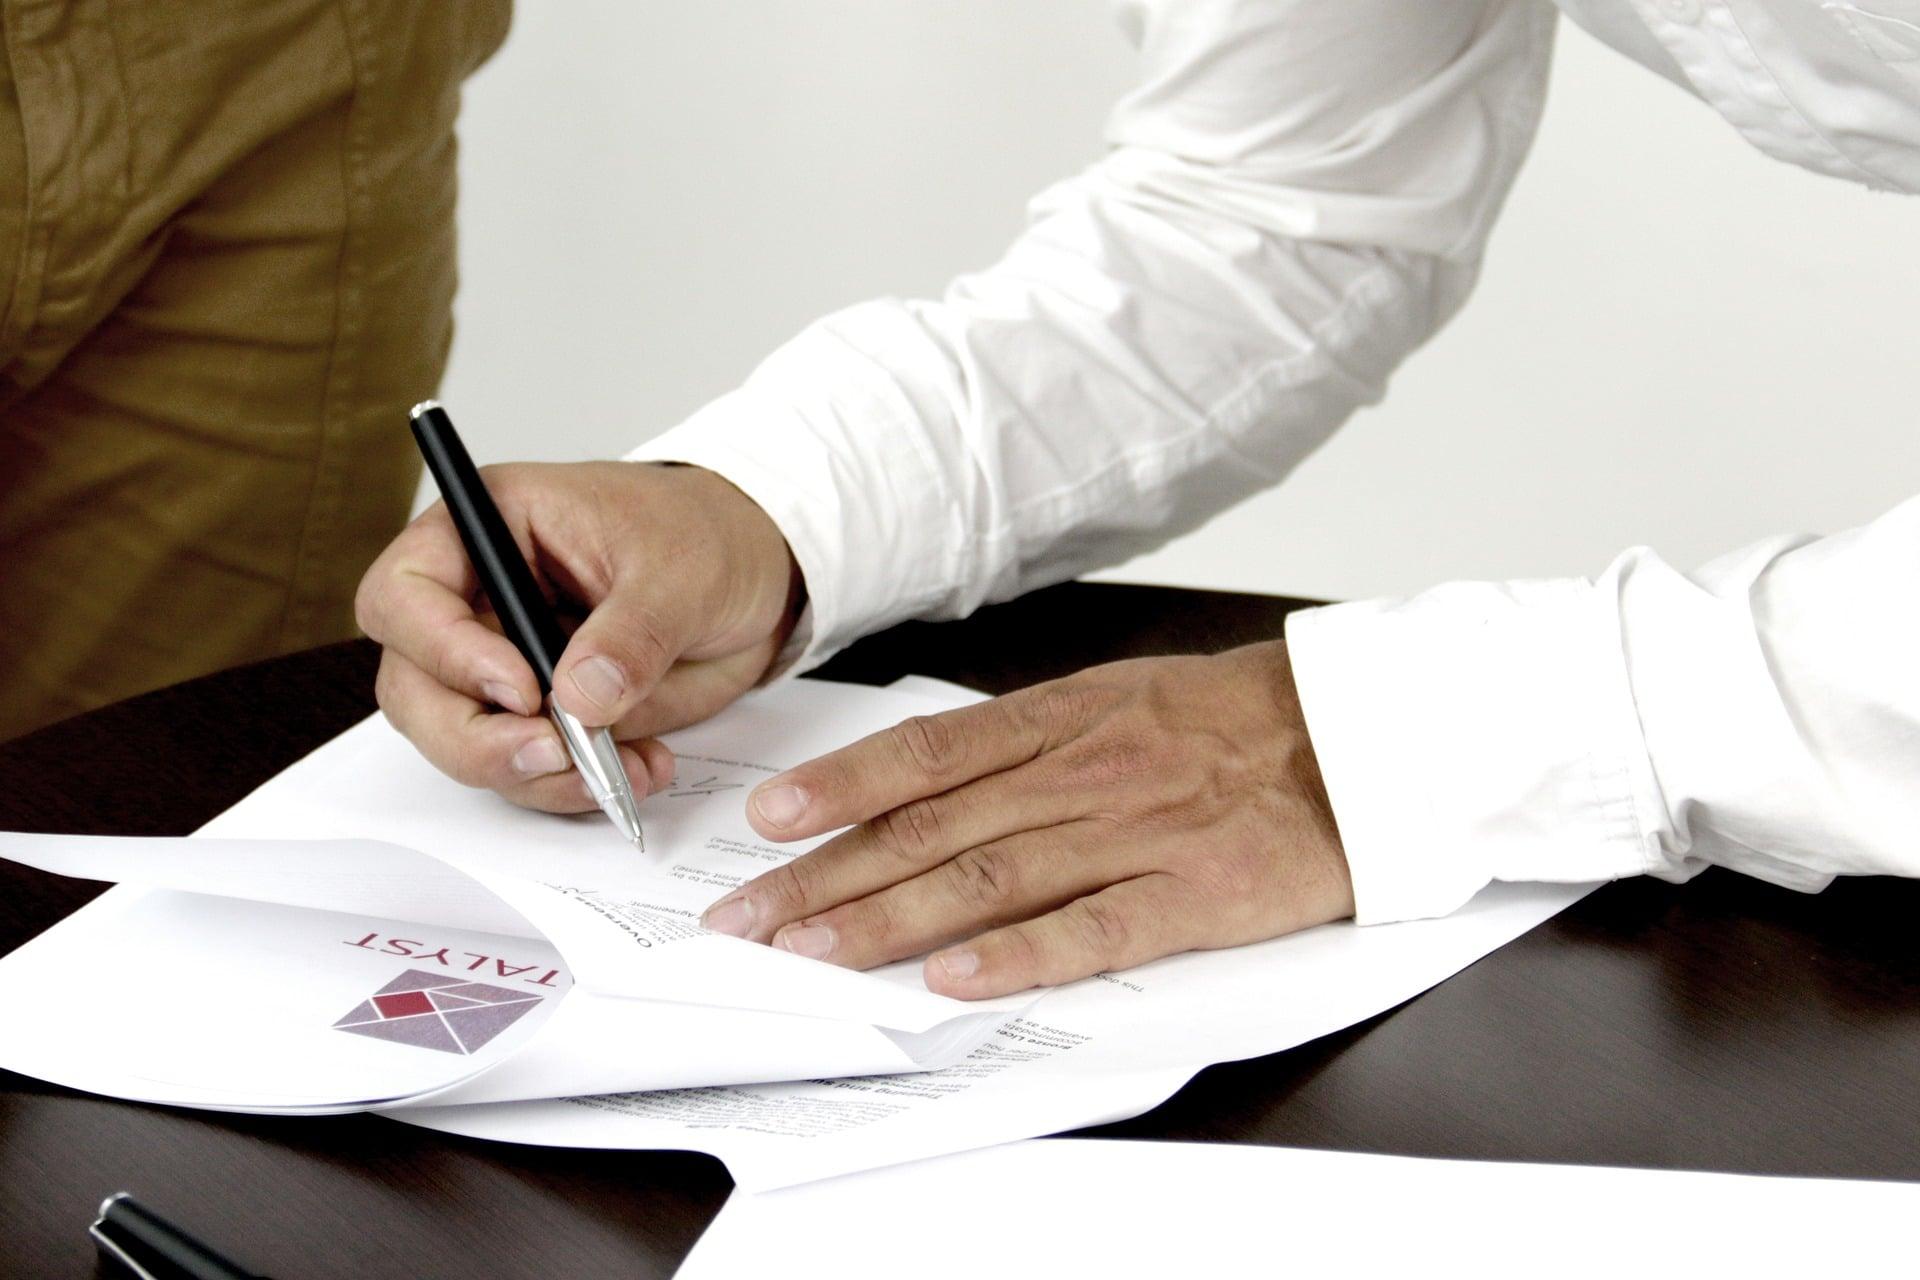 odrzucenie wniosku o pożyczkę